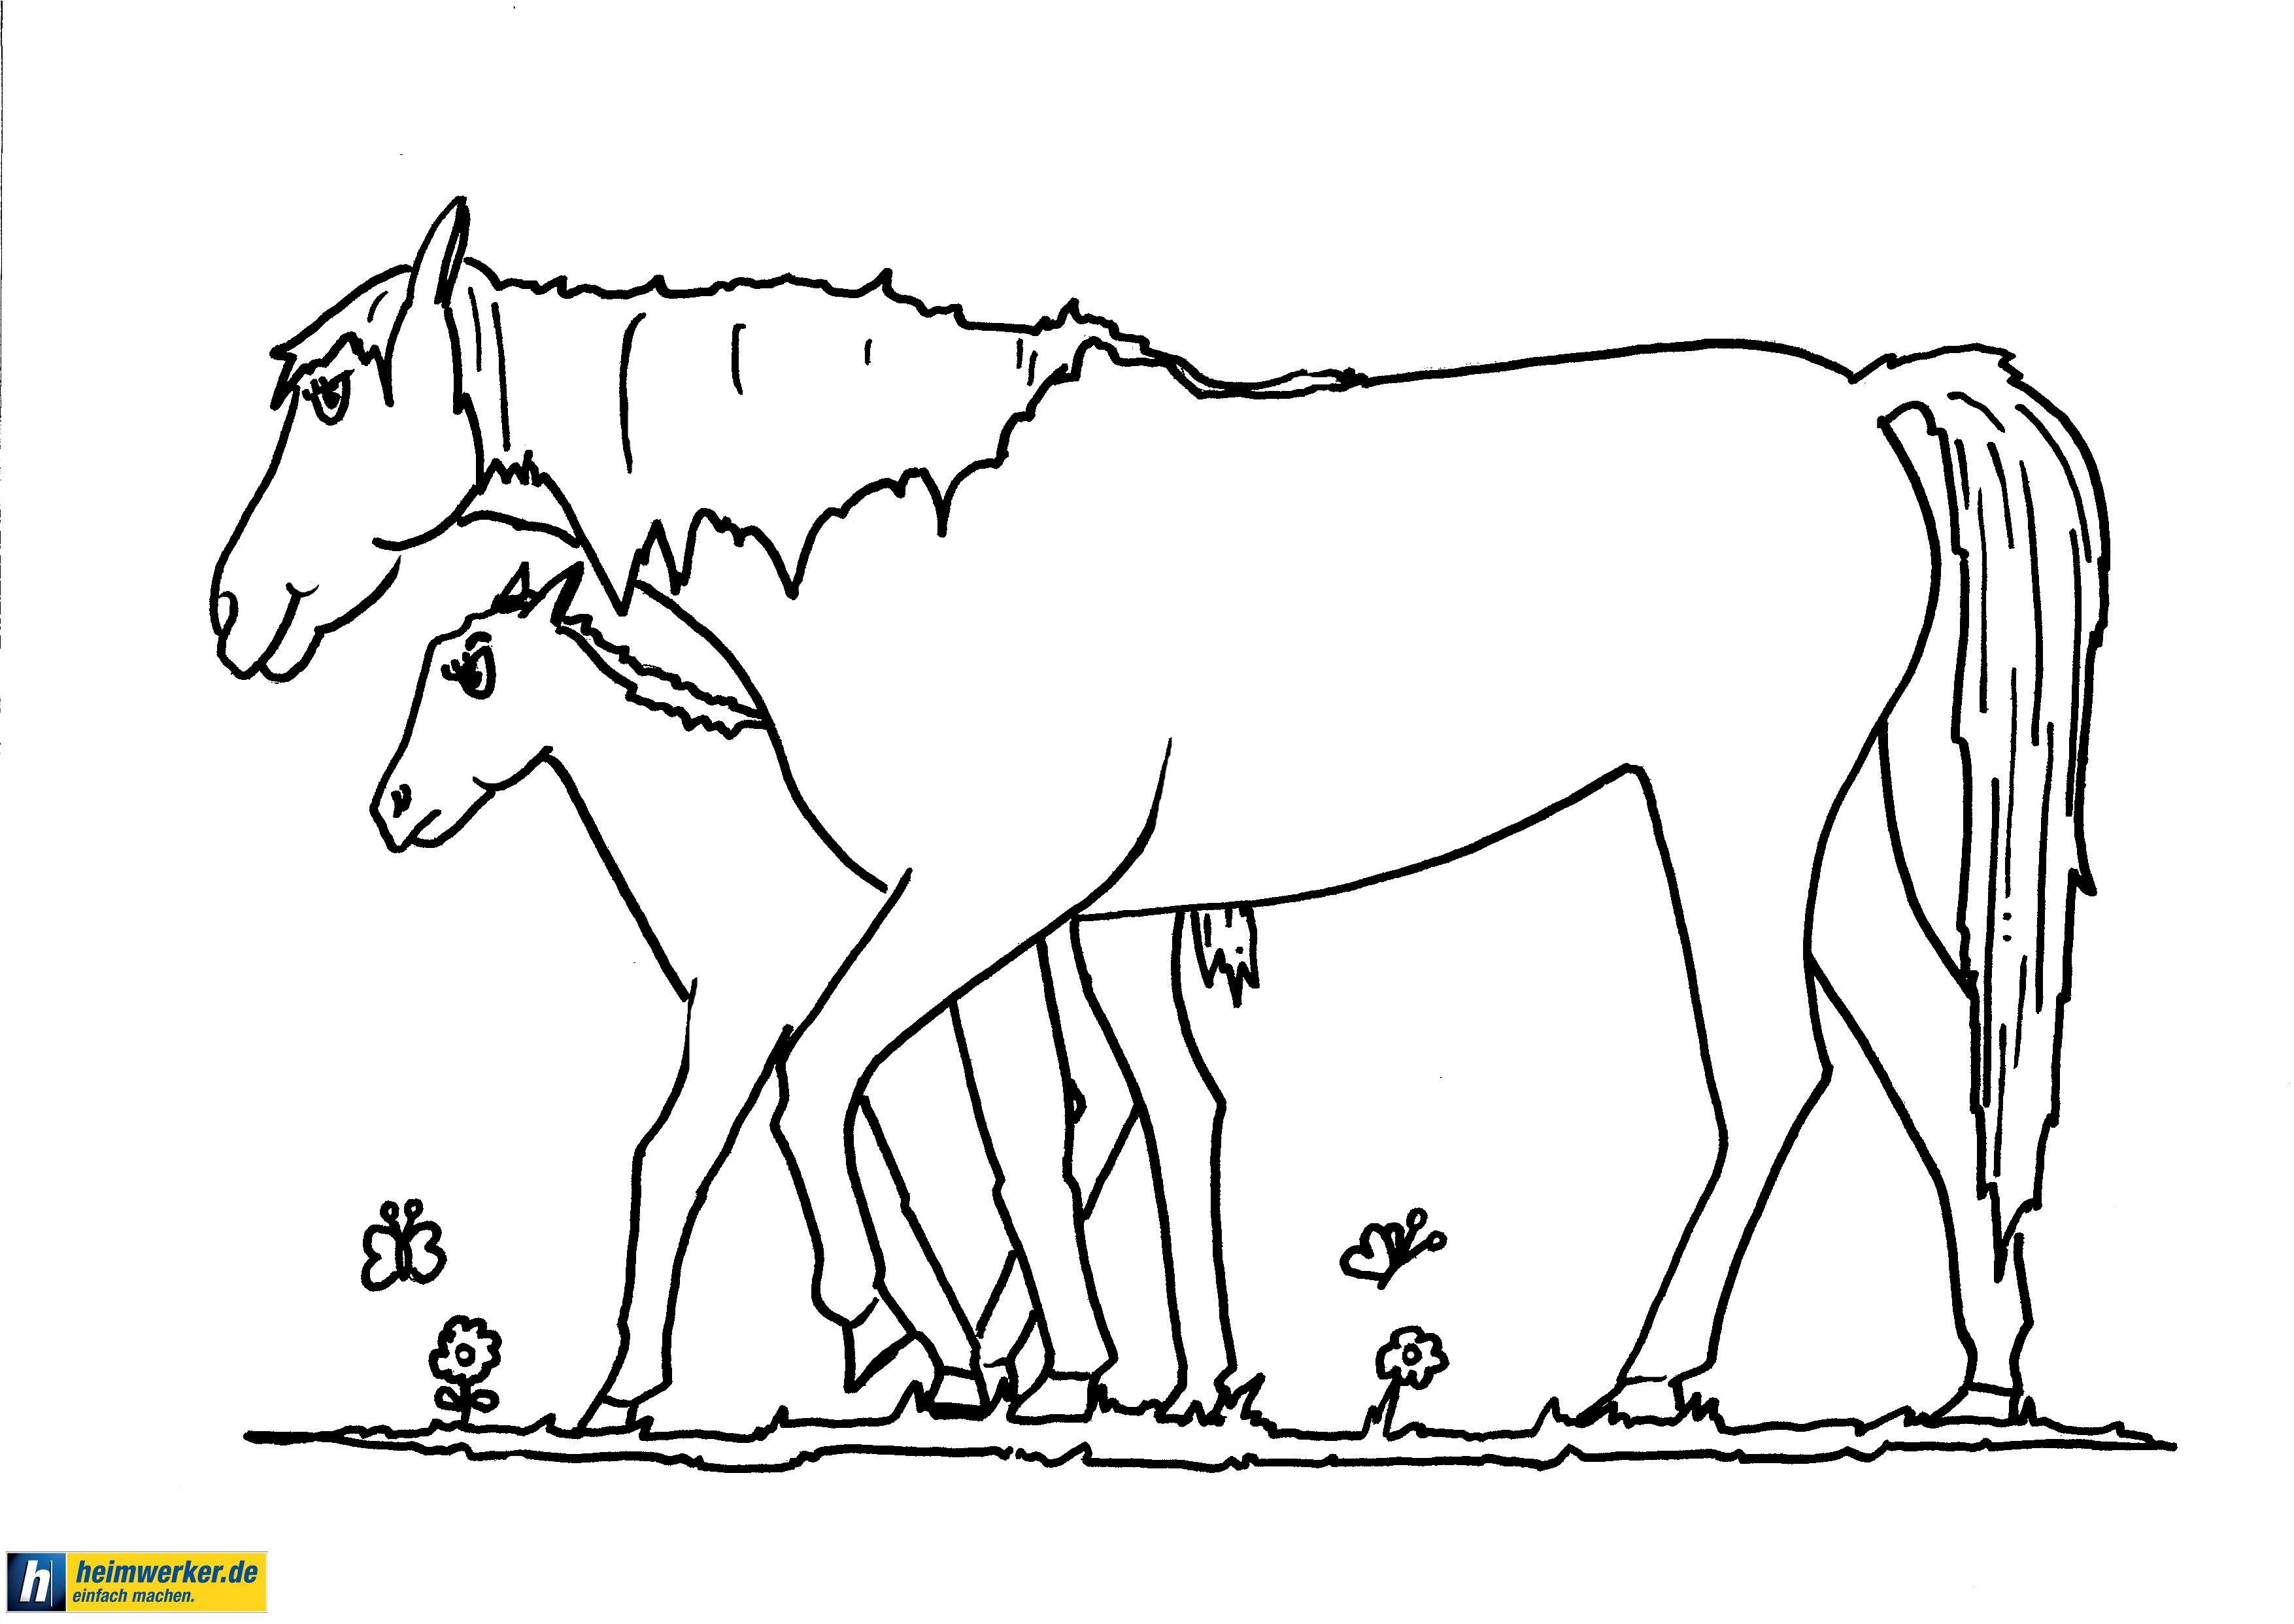 Ausmalbilder Pferde Gratis - Ausmalbilder Pferde Kostenlos Zum ...